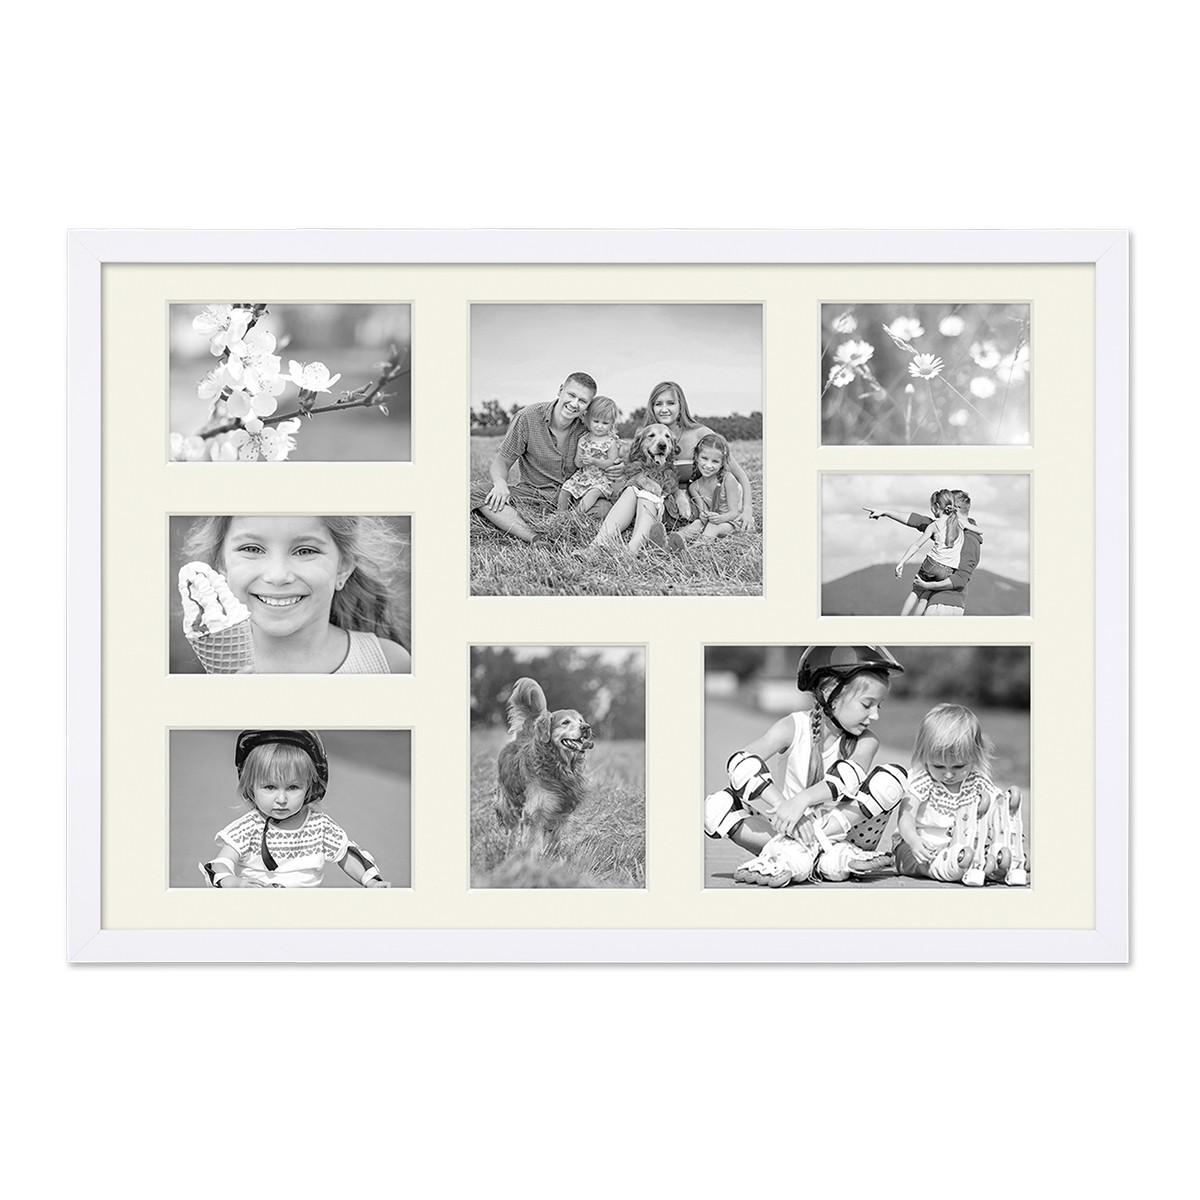 Fotocollage-Bilderrahmen 40x60 cm Modern Weiss Collagerahmen ...